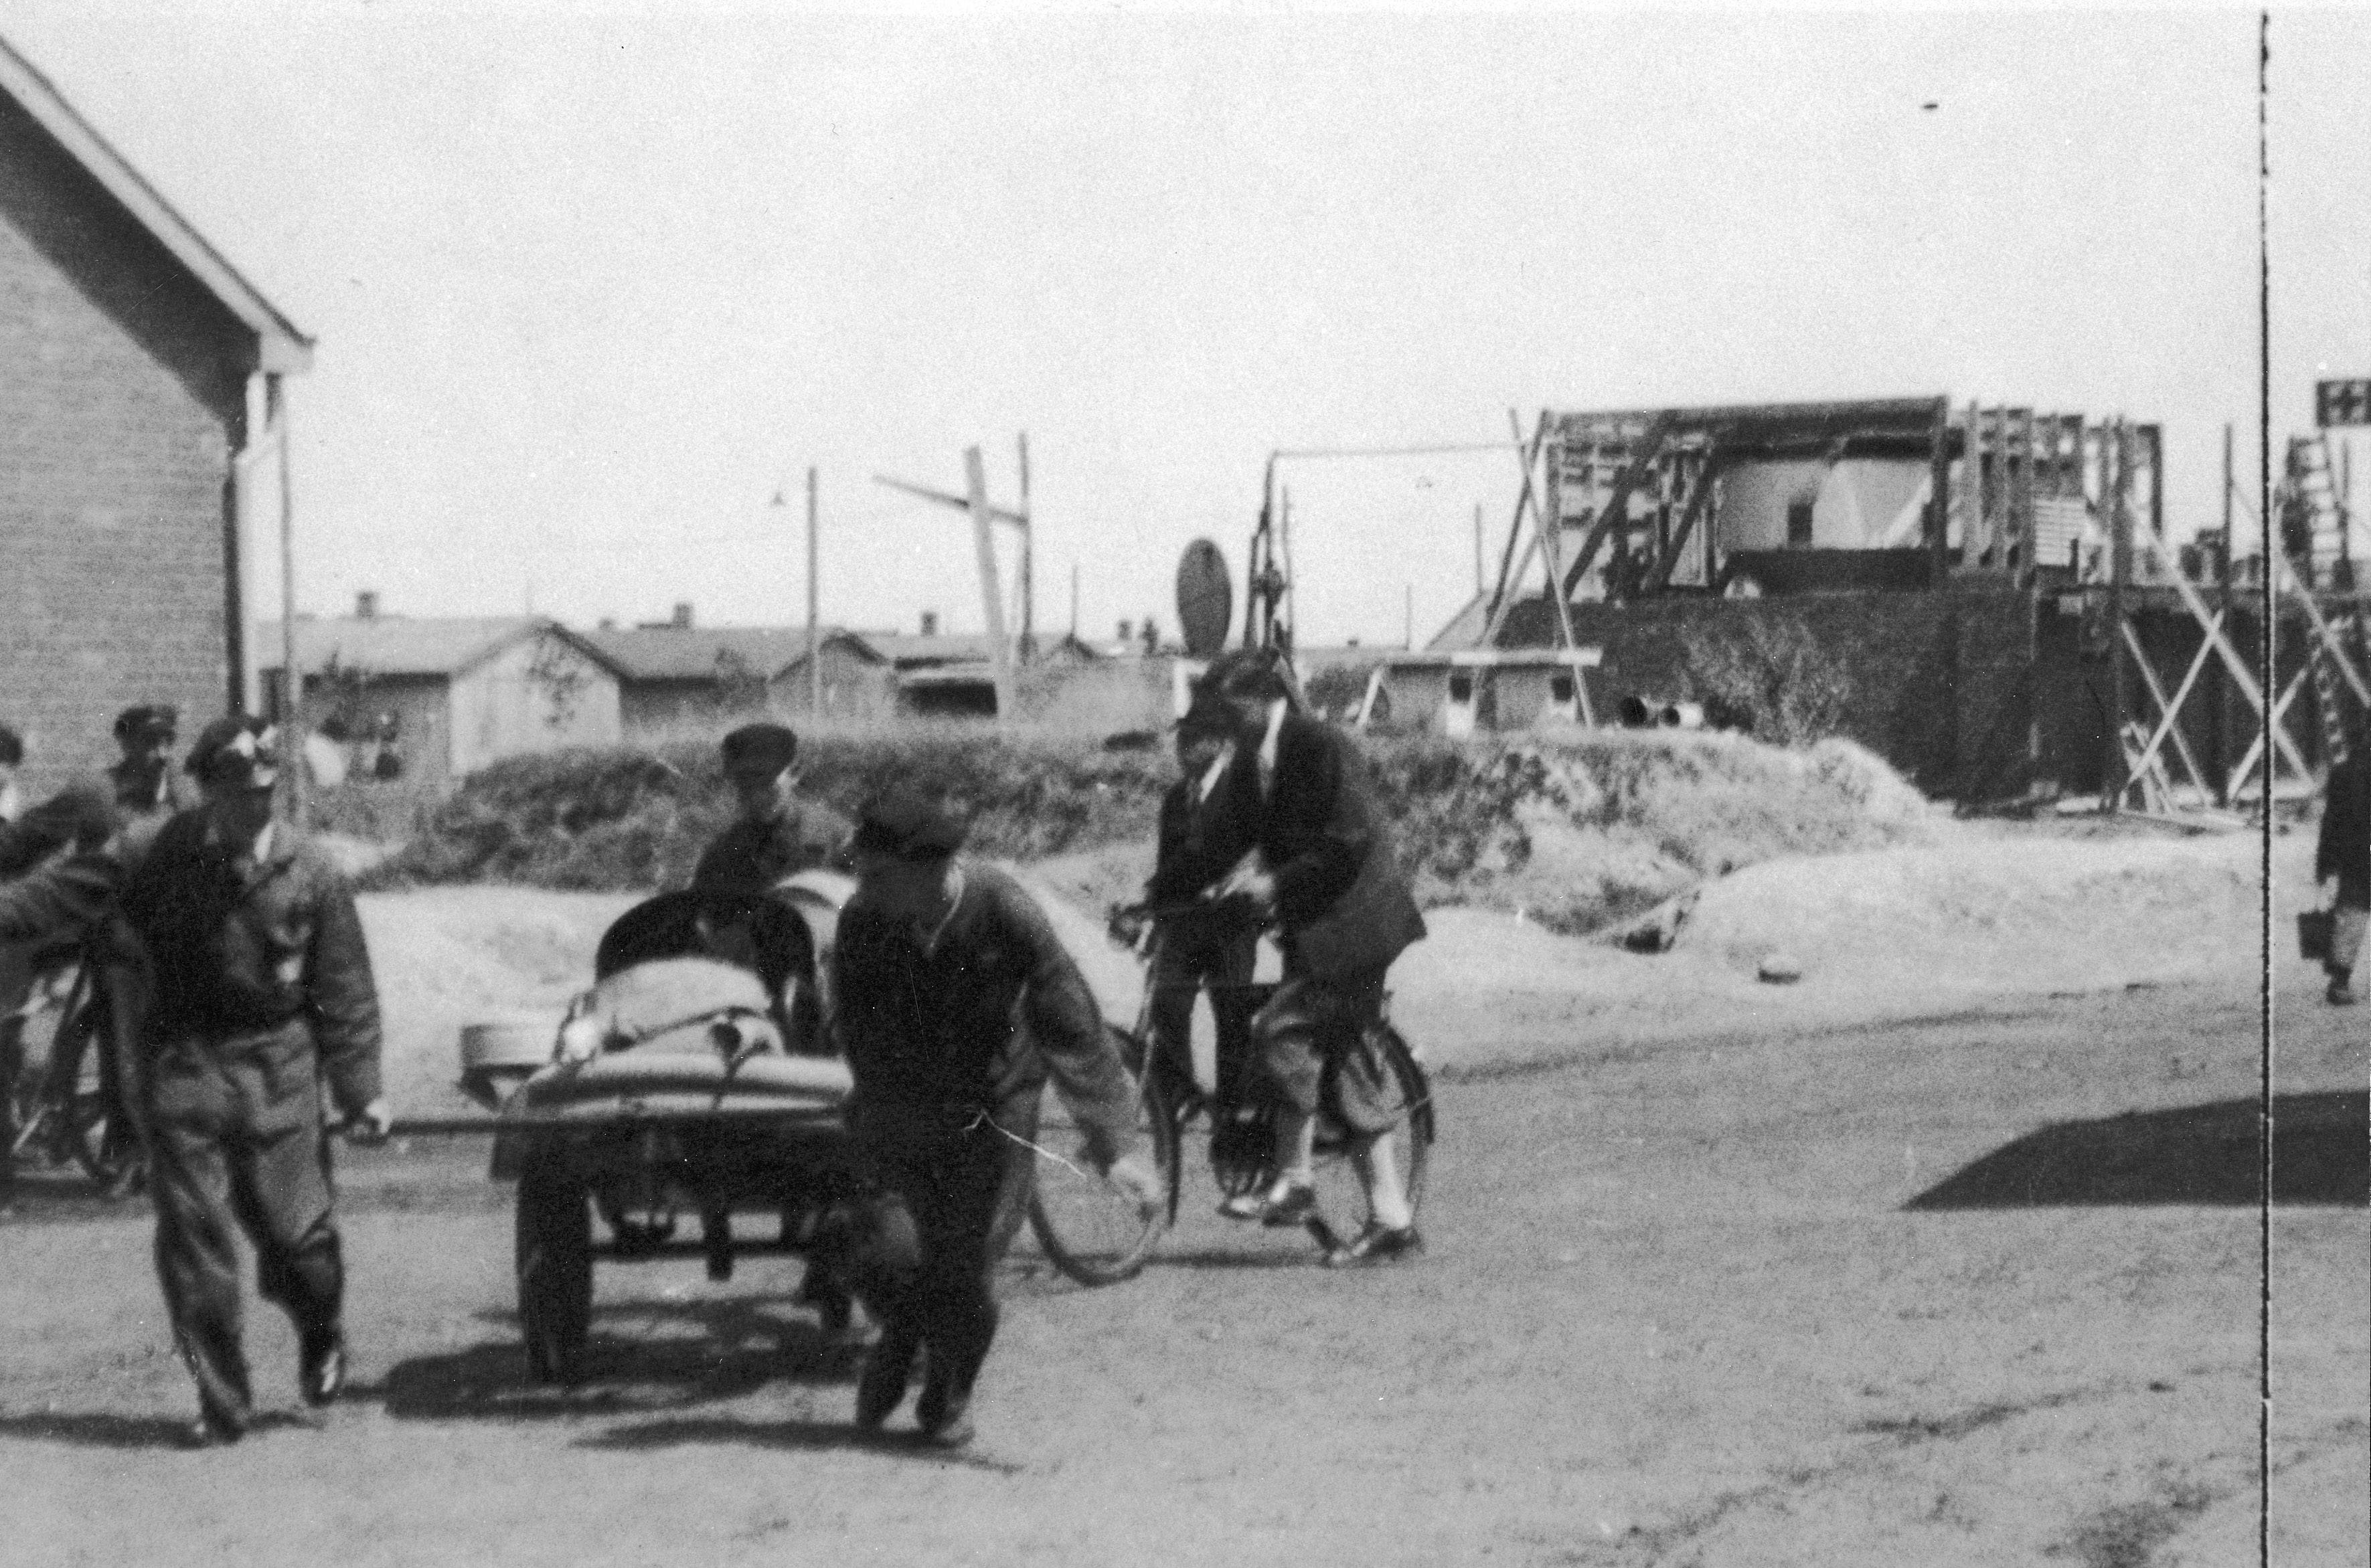 Erich Zielke vooraan bij de handkar. Kamp Westerbork, 1942.